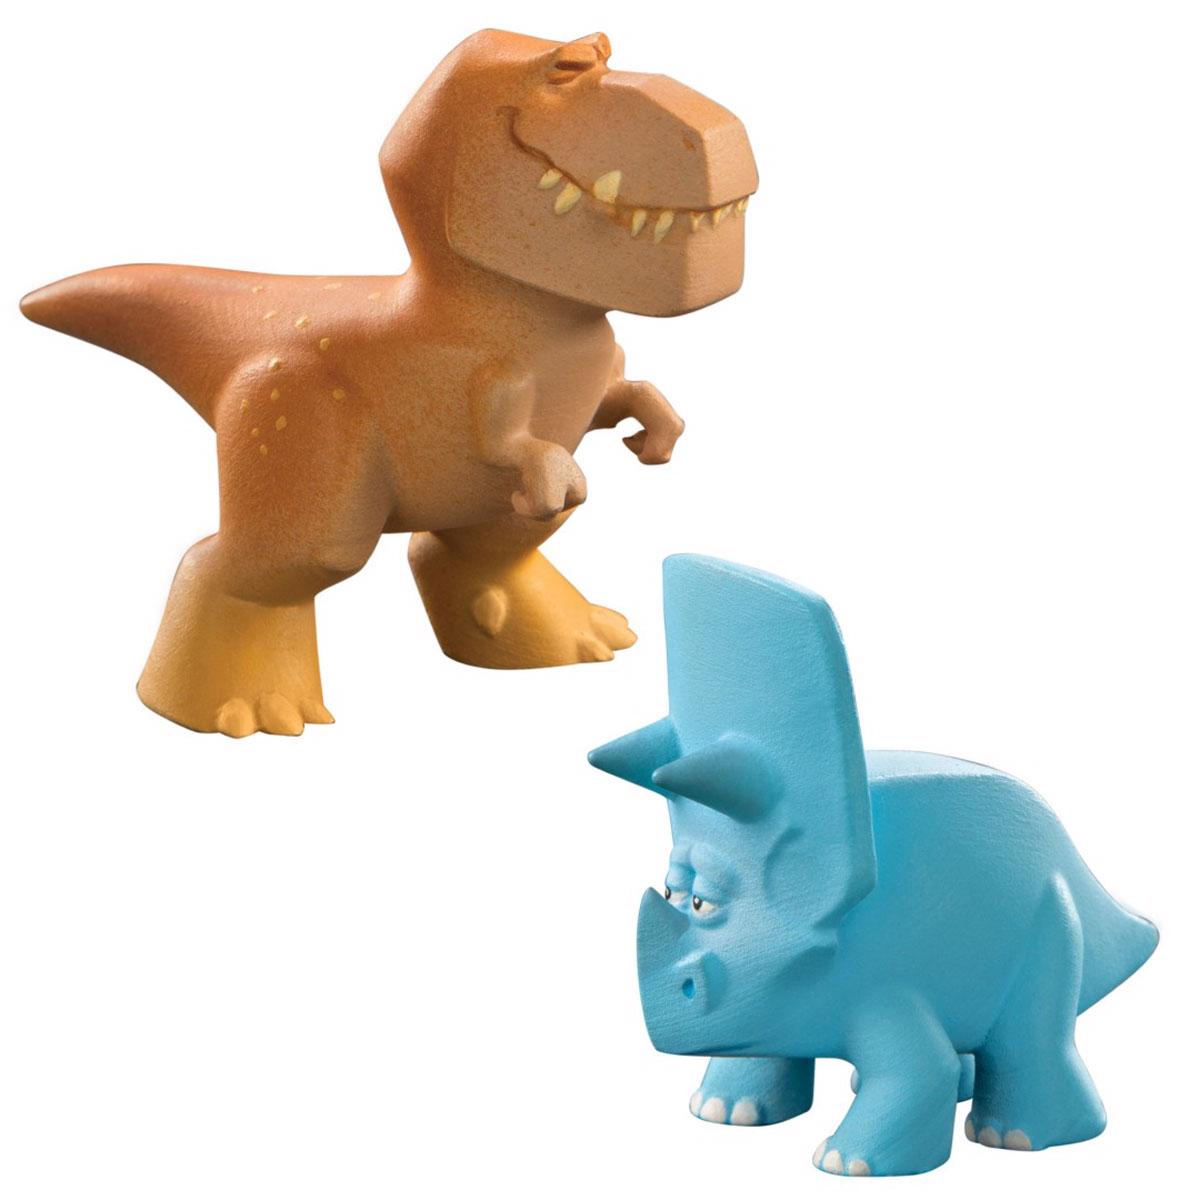 Хороший динозавр Набор фигурок Бур и Уилл62302В наборе фигурок Хороший динозавр представлены персонажи мультфильма Хороший динозавр Бур и Уилл. Фигурки яркие и симпатичные, в точности похожи на анимационных героев. Тираннозавр Бур - очень серьезный динозавр, он разводит длиннорогих быков-бизодонов и пасет их, оберегая от жадных налетчиков в лице рапторов. Трицератопс Уилл - тоже взрослый и уважаемый член общества ящеров, в мультфильме он является одним из второстепенных персонажей. Соберите всех героев из серии мини-фигурок, чтобы игровой процесс стал еще интереснее (все наборы продаются отдельно). Фигурки изготовлены из высококачественных нетоксичных материалов, абсолютно безопасных для вашего малыша. Ваш ребенок часами будет играть с такой игрушкой, придумывая различные истории.